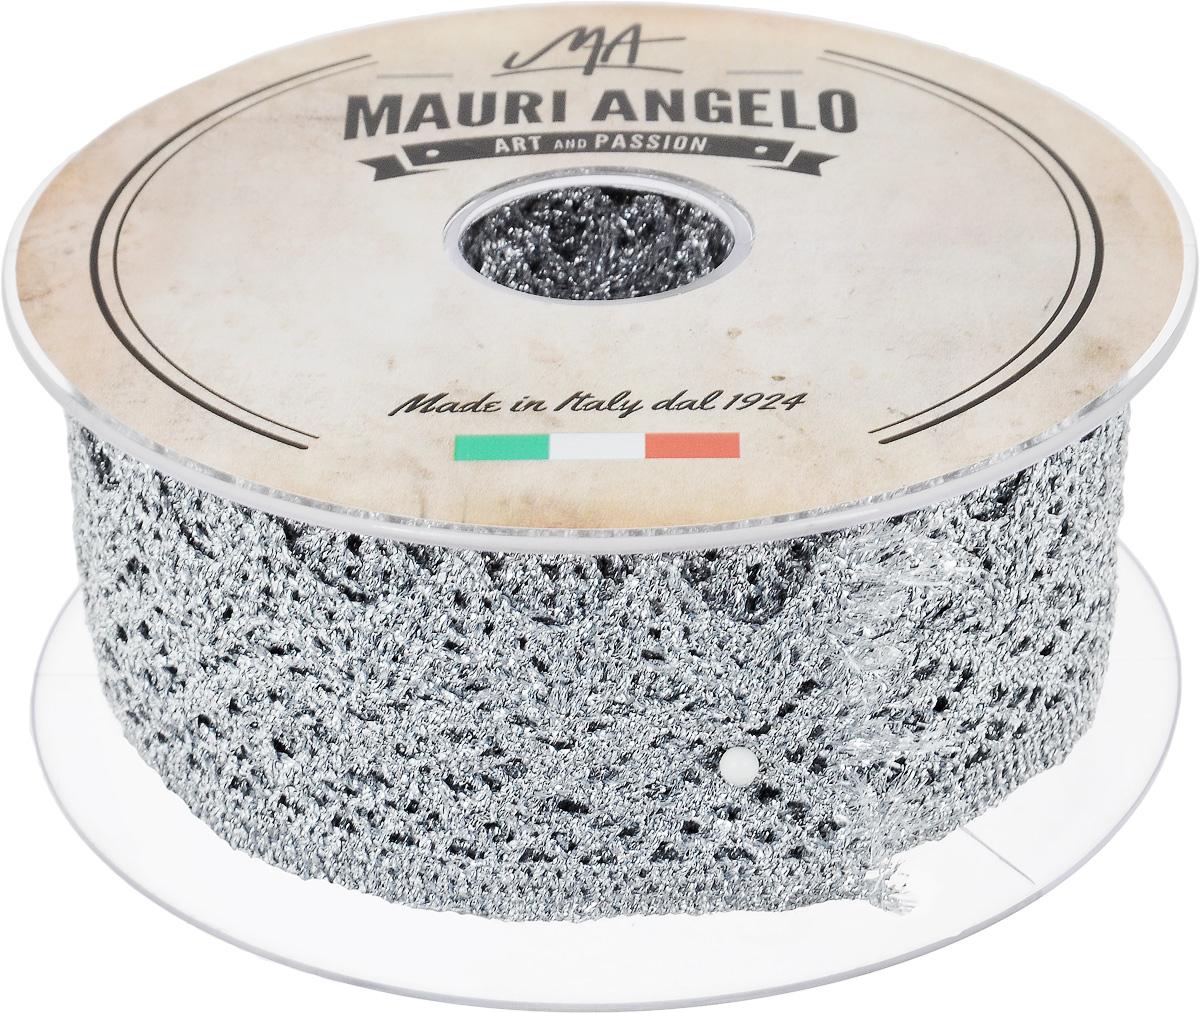 Лента кружевная Mauri Angelo, цвет: серебристый, 4,4 см х 10 мMR3125/11Декоративная кружевная лента Mauri Angelo выполнена из высококачественных материалов. Кружево применяется для отделки одежды, постельного белья, а также в оформлении интерьера, декоративных панно, скатертей, тюлей, покрывал. Главные особенности кружева - воздушность, тонкость, эластичность, узорность.Такая лента станет незаменимым элементом в создании рукотворного шедевра.